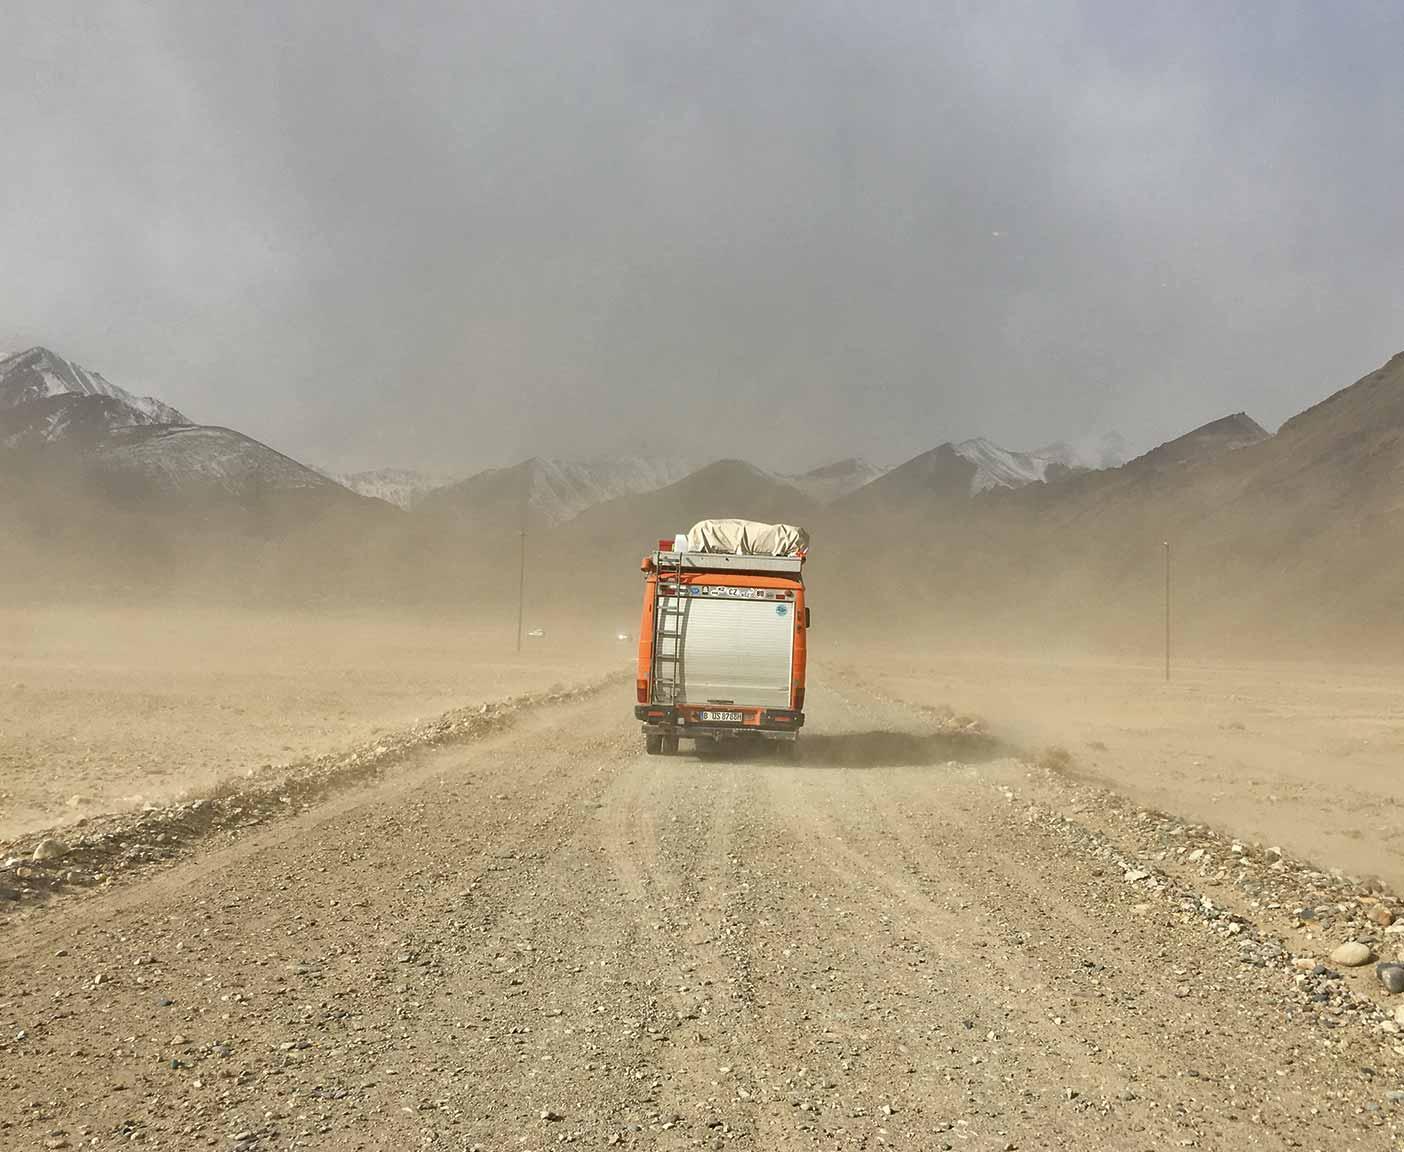 pamir-highway-m41-motorrad-auto-wohnmobil-camper-laenge-kyrgyzstan-guide-2017-2018-2019-china-afghanistan-korogh-5